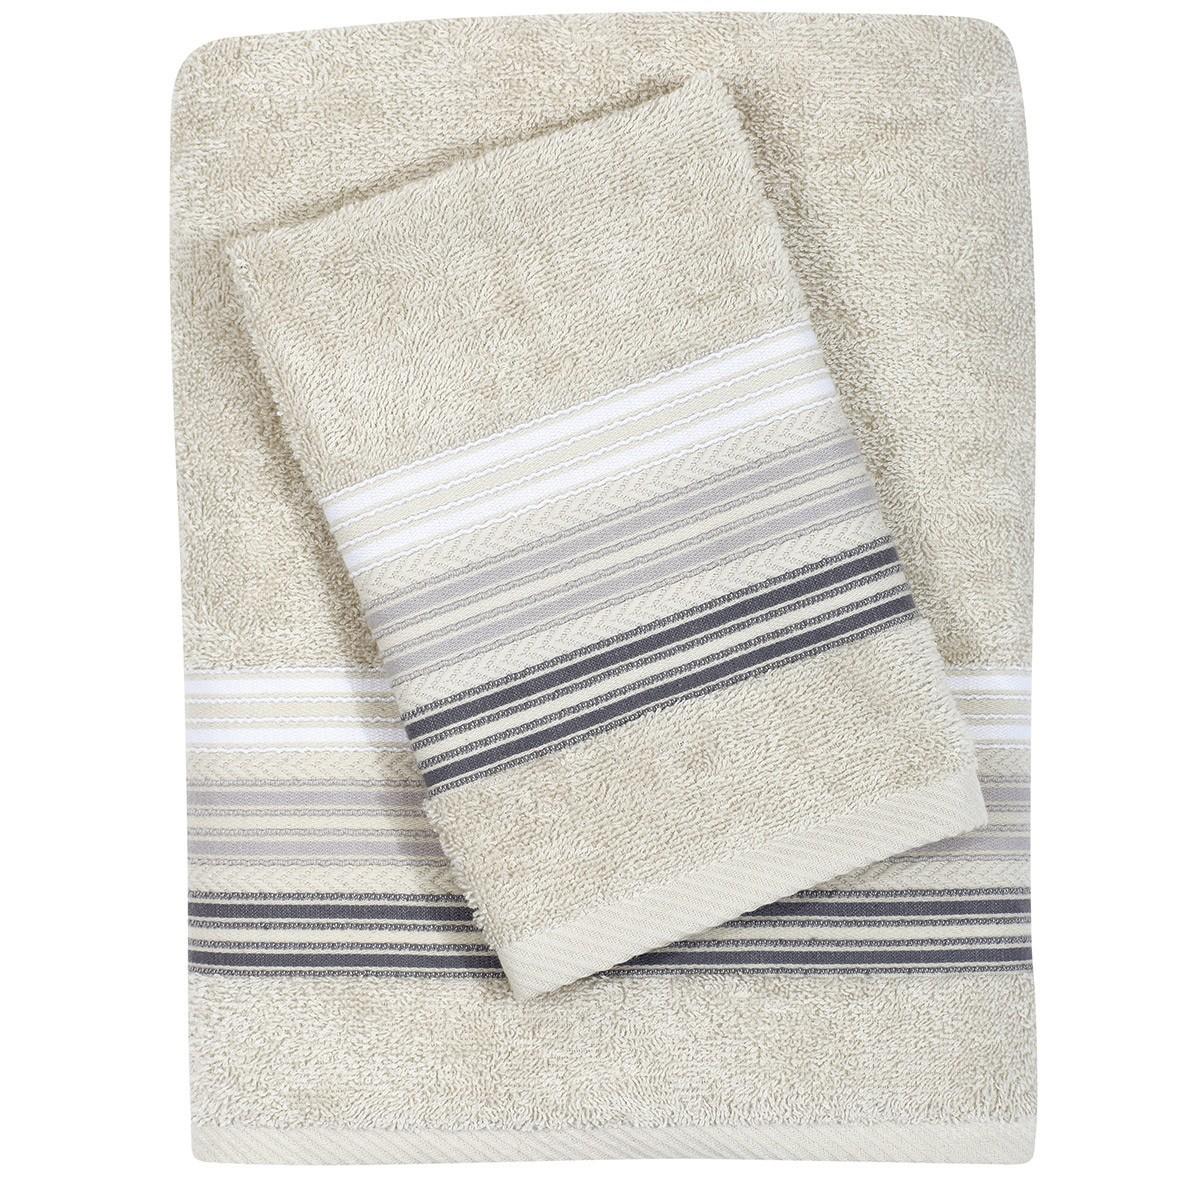 Πετσέτες Μπάνιου (Σετ 3τμχ) Das Home Best 345